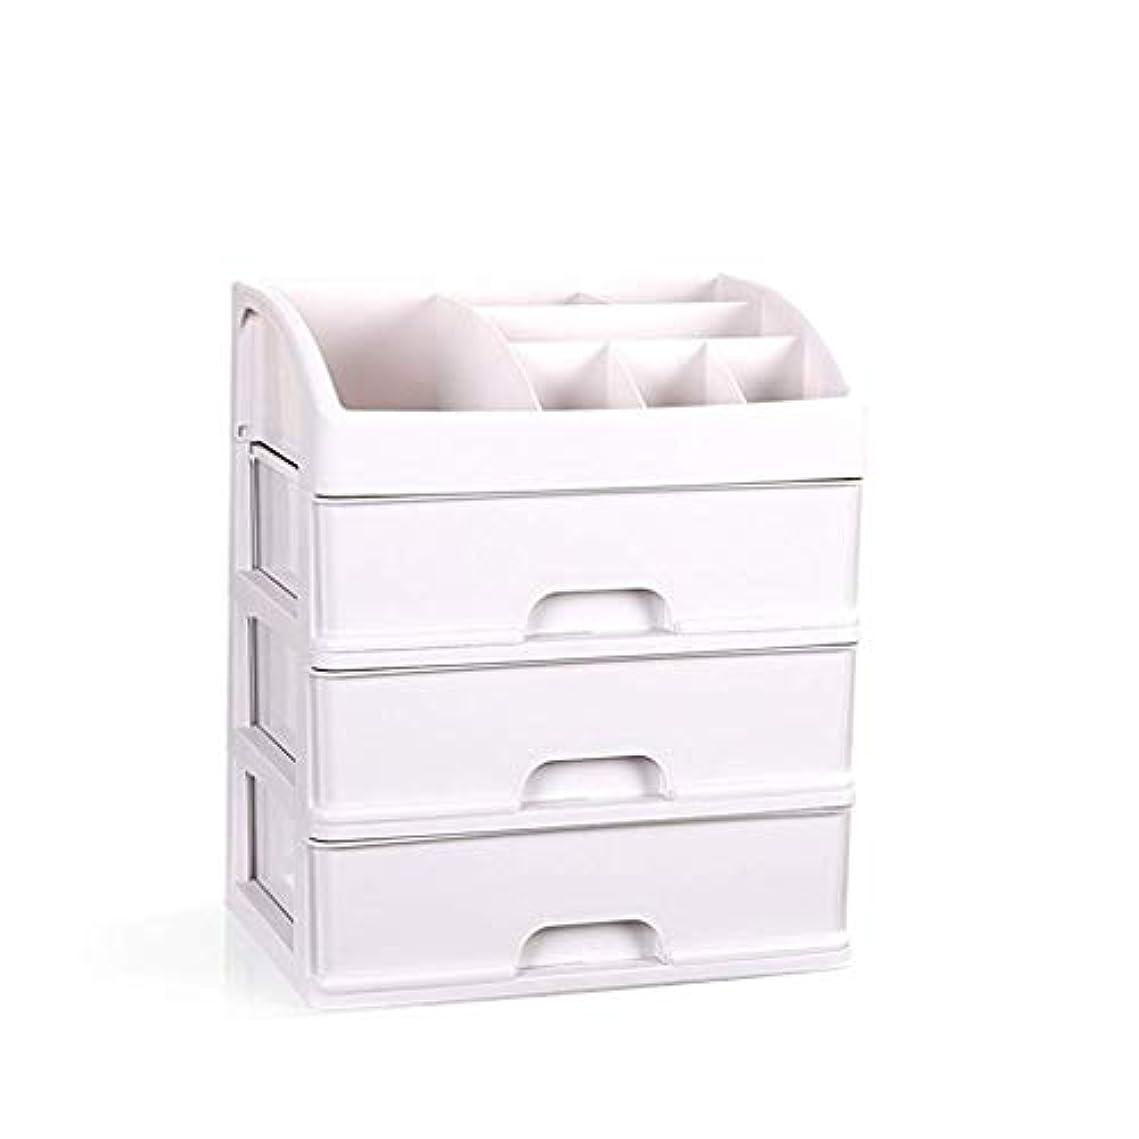 レギュラー指定するかろうじてデスクトップ化粧品収納ボックススキンケア仕上げボックス特大